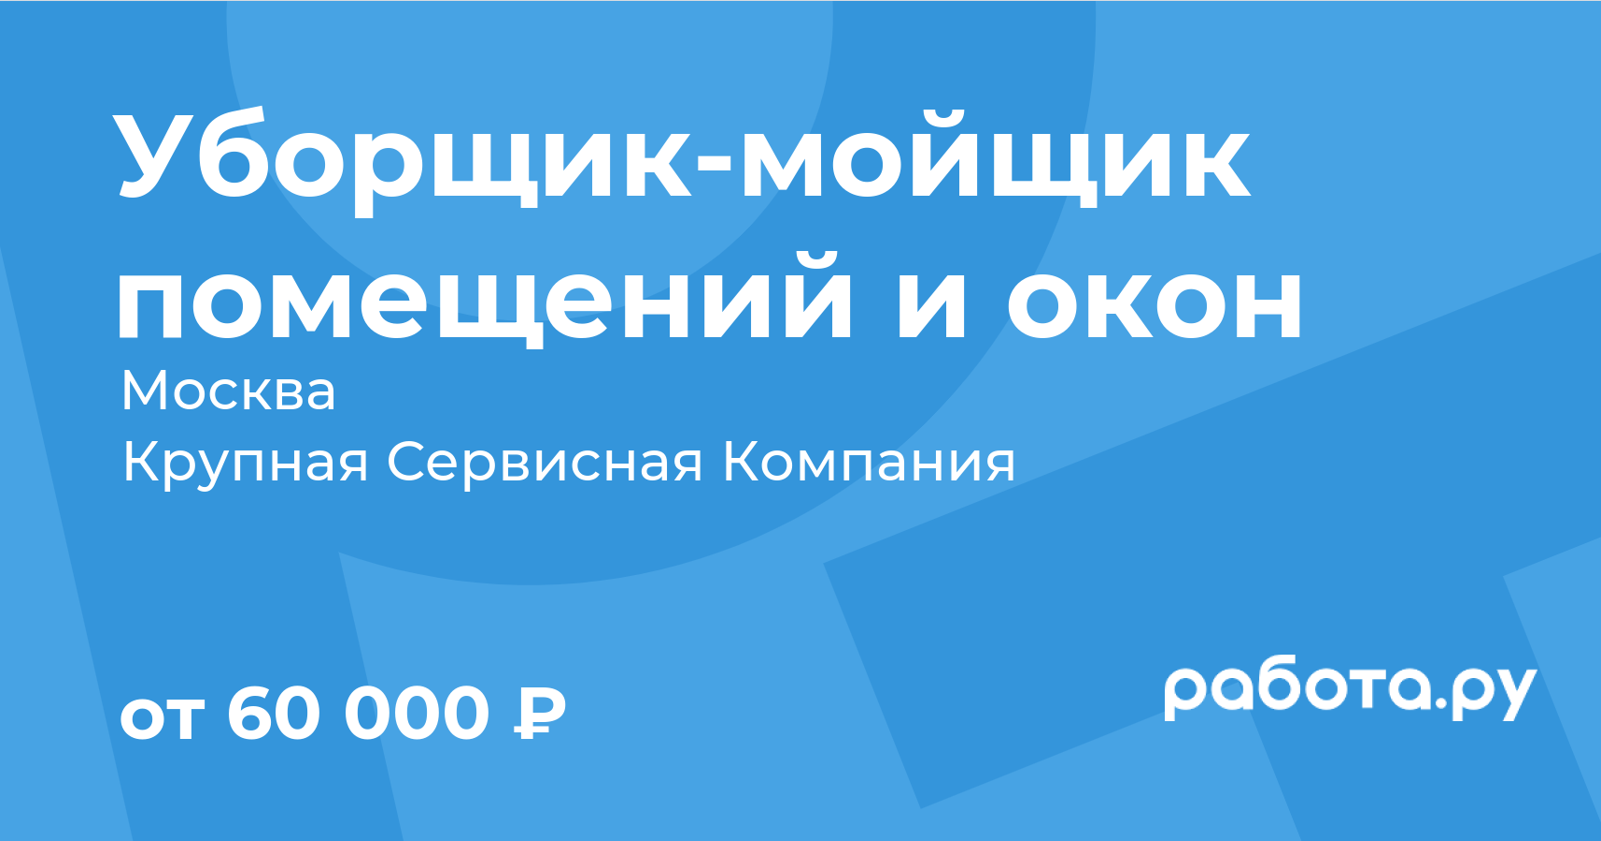 Вакансия Уборщик-мойщик помещений и окон в Москве с